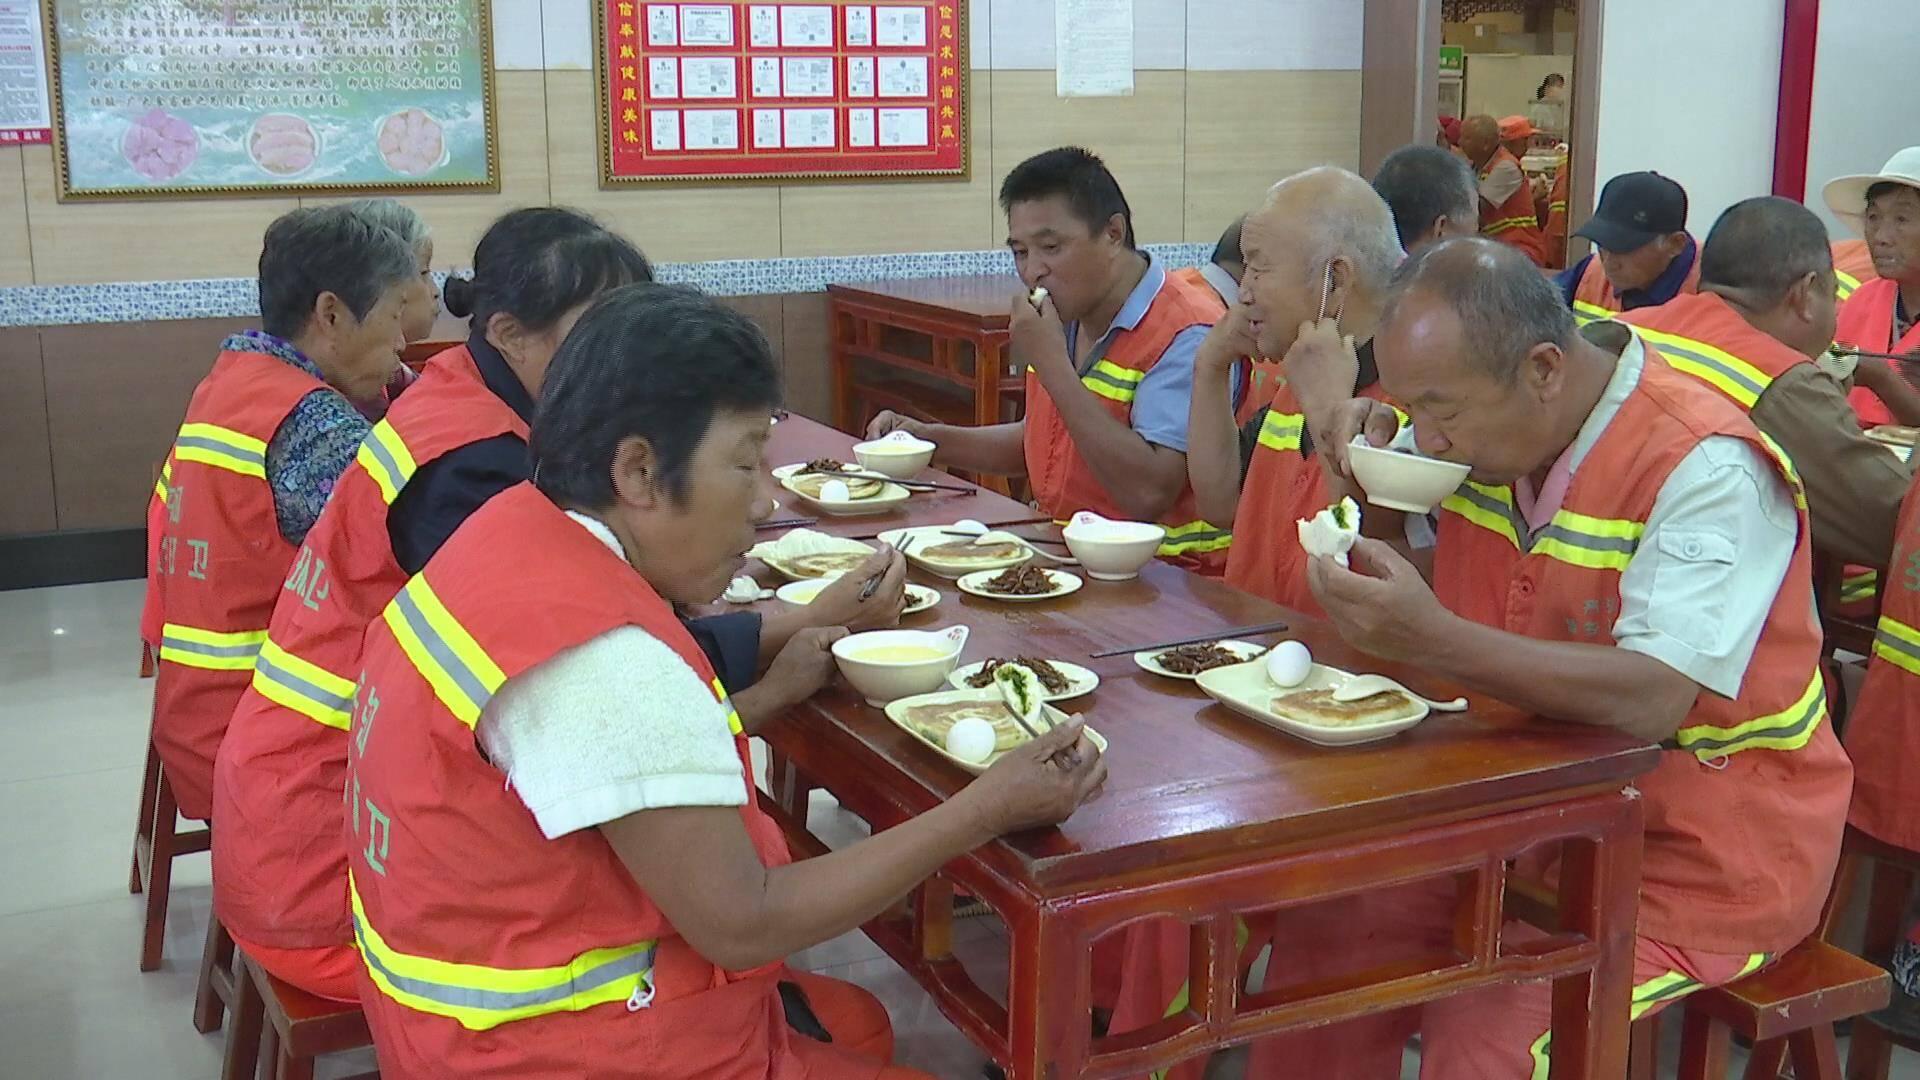 德州齐河选取8个爱心早餐供应试点,为500余名环卫工人提供免费早餐